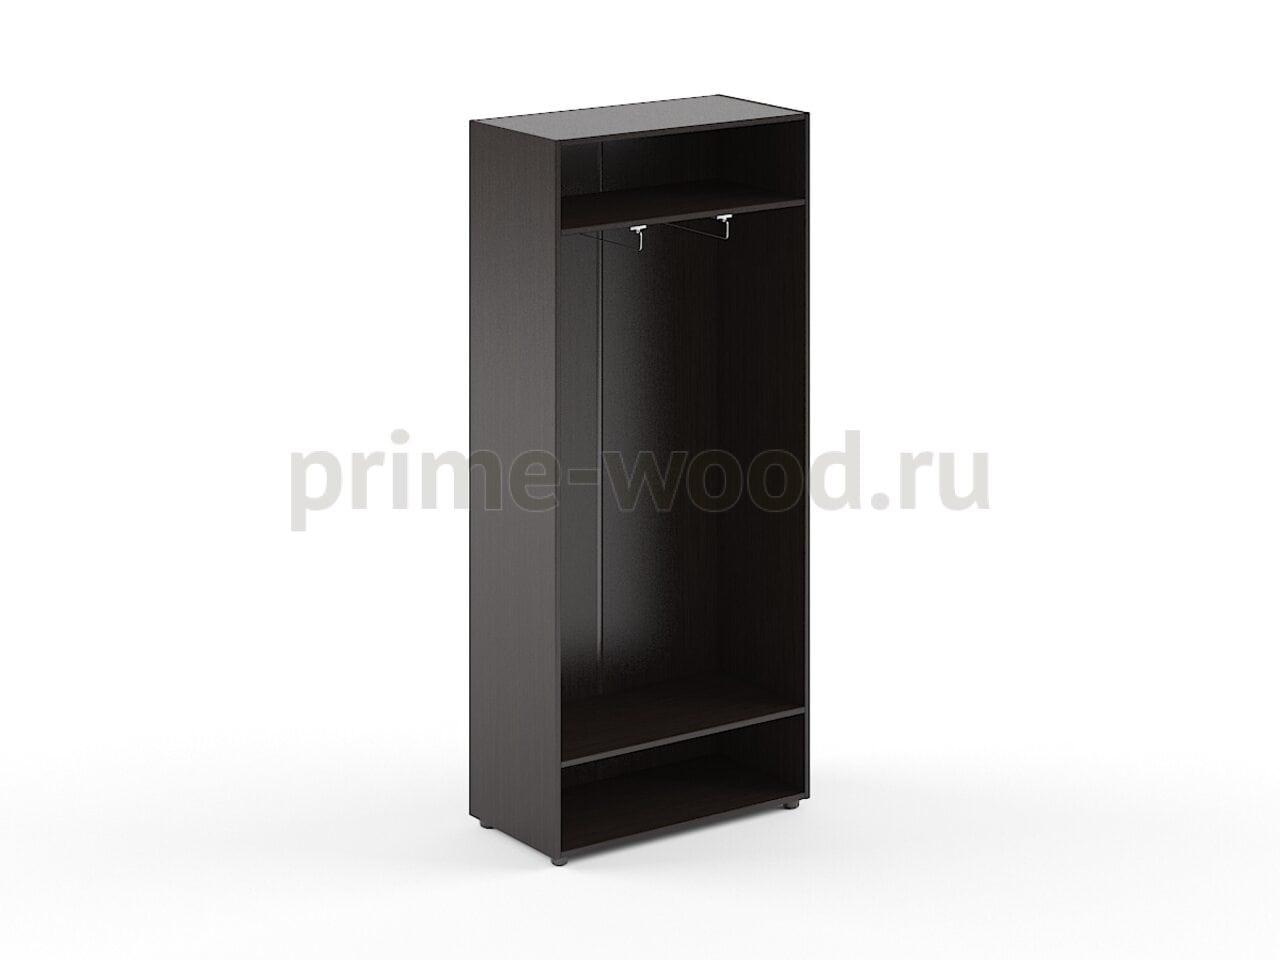 Каркас гардероба  DIONI 85x43x193 - фото 3